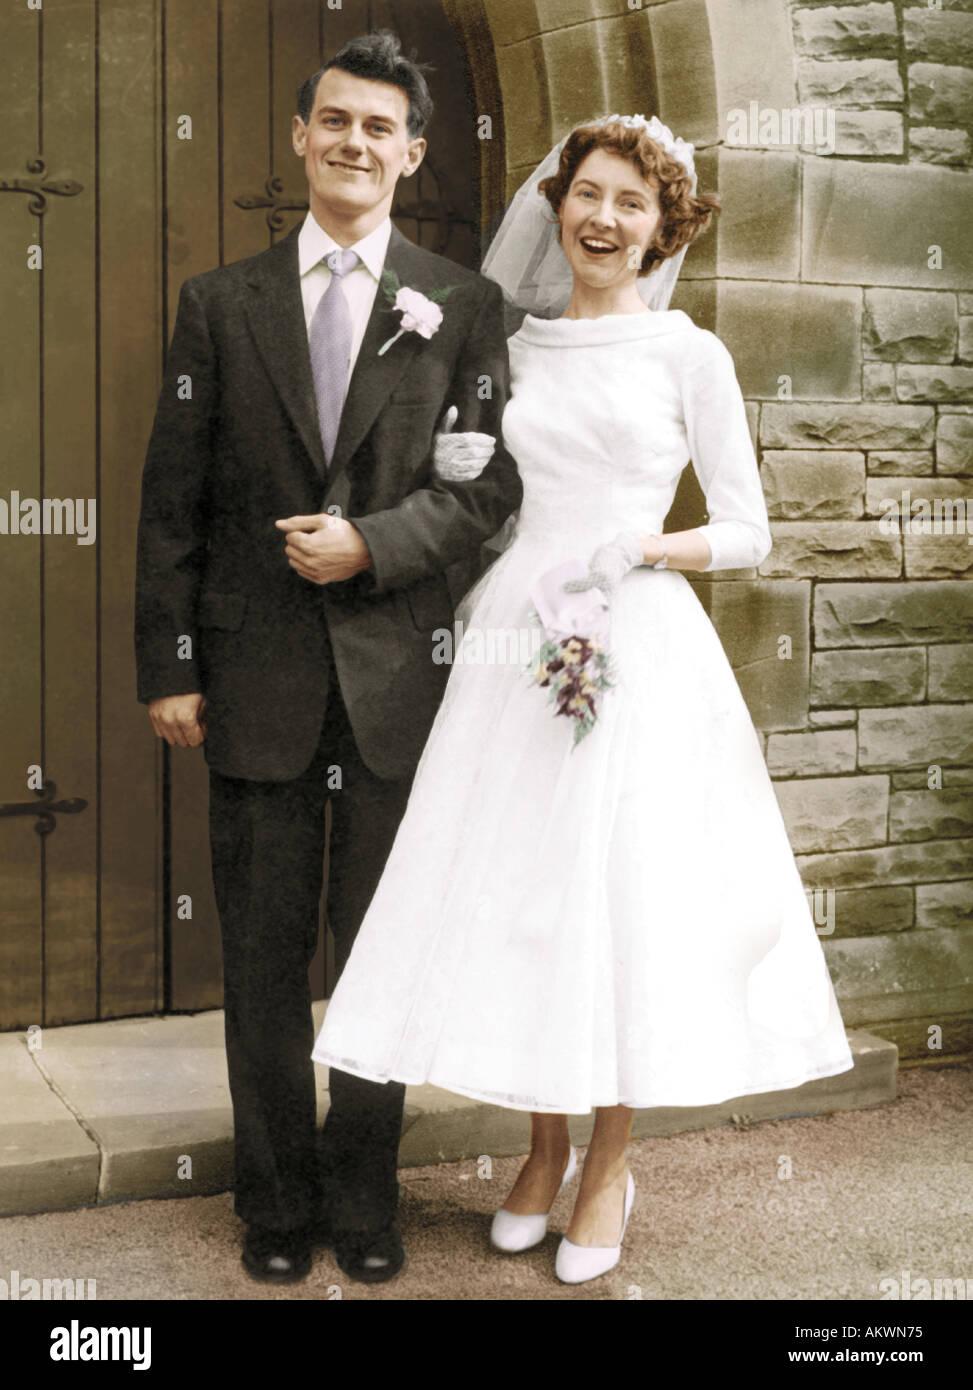 Jeune couple 1960 mariage noir et blanc colorié à la main photo Photo Stock